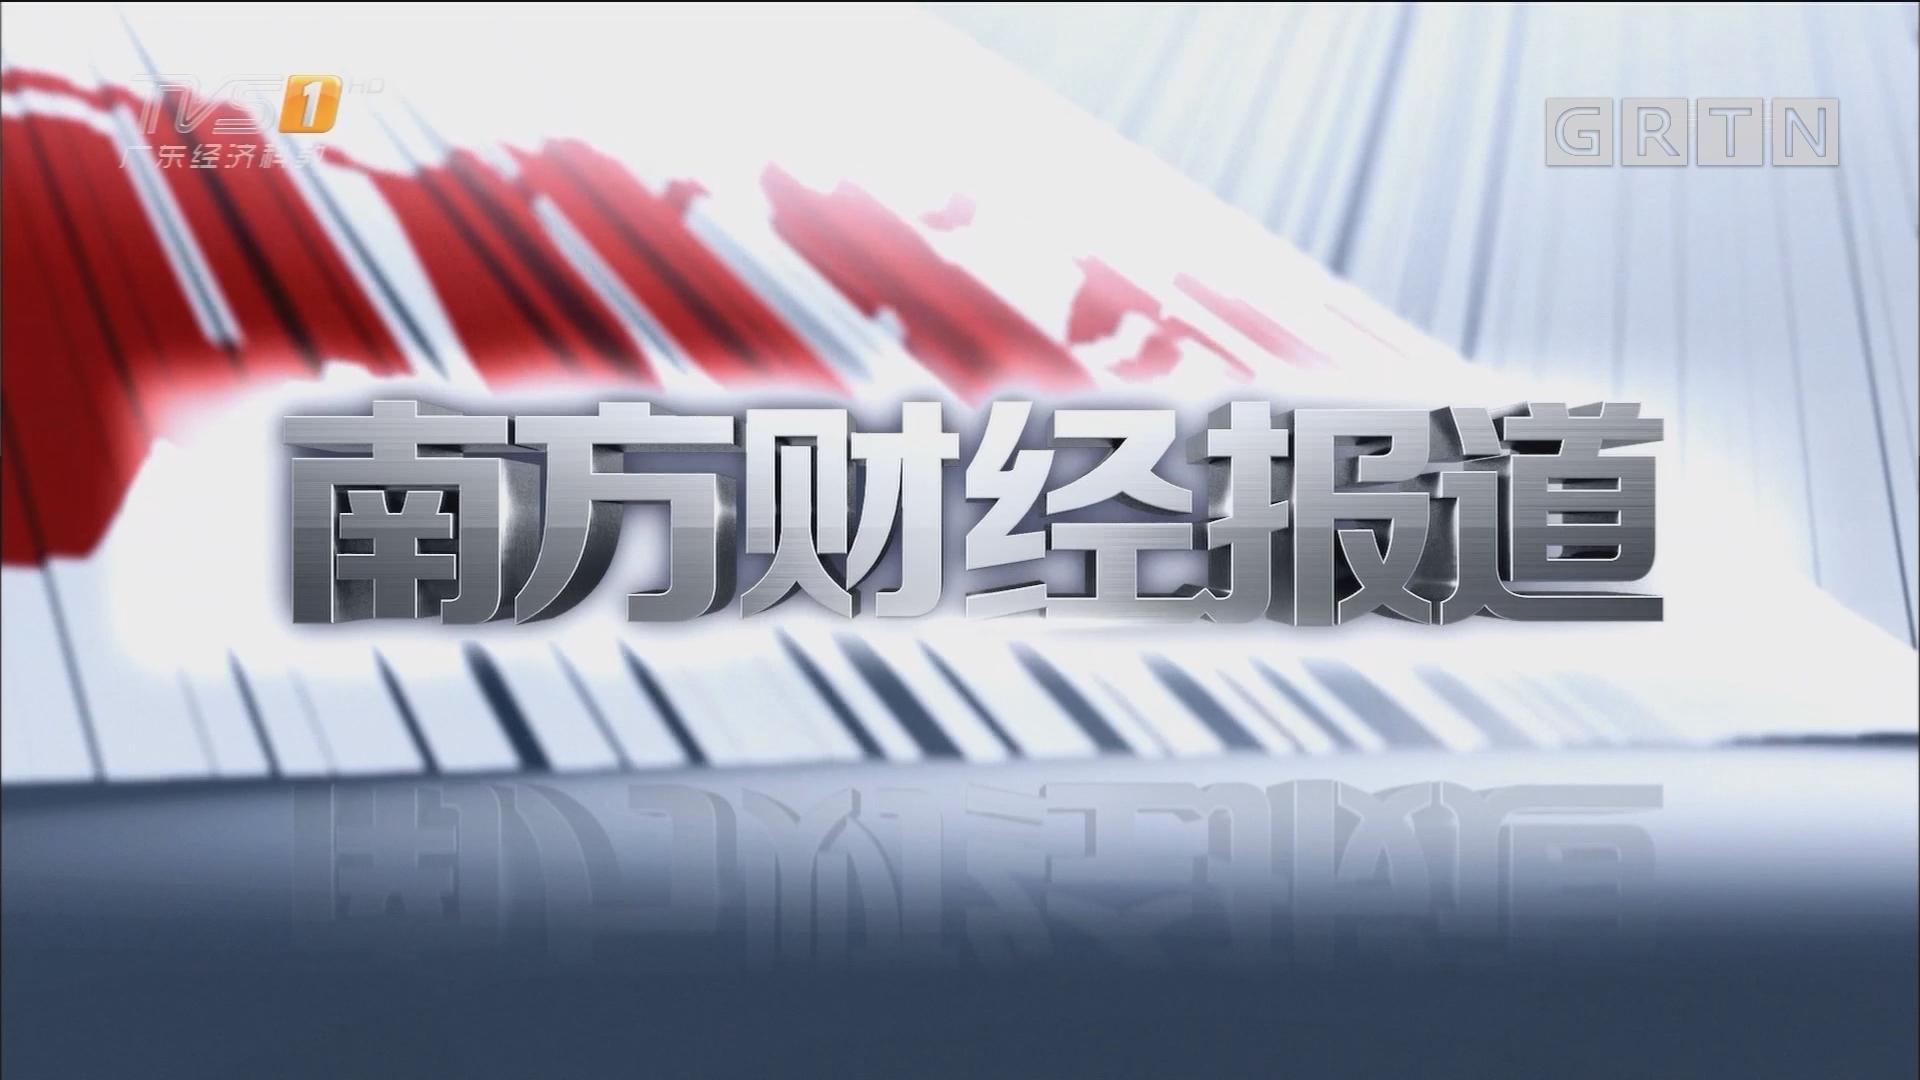 [HD][2018-05-03]南方财经报道:国家知识产权局:广东 北京 江苏位列2017年全国专利实力前三